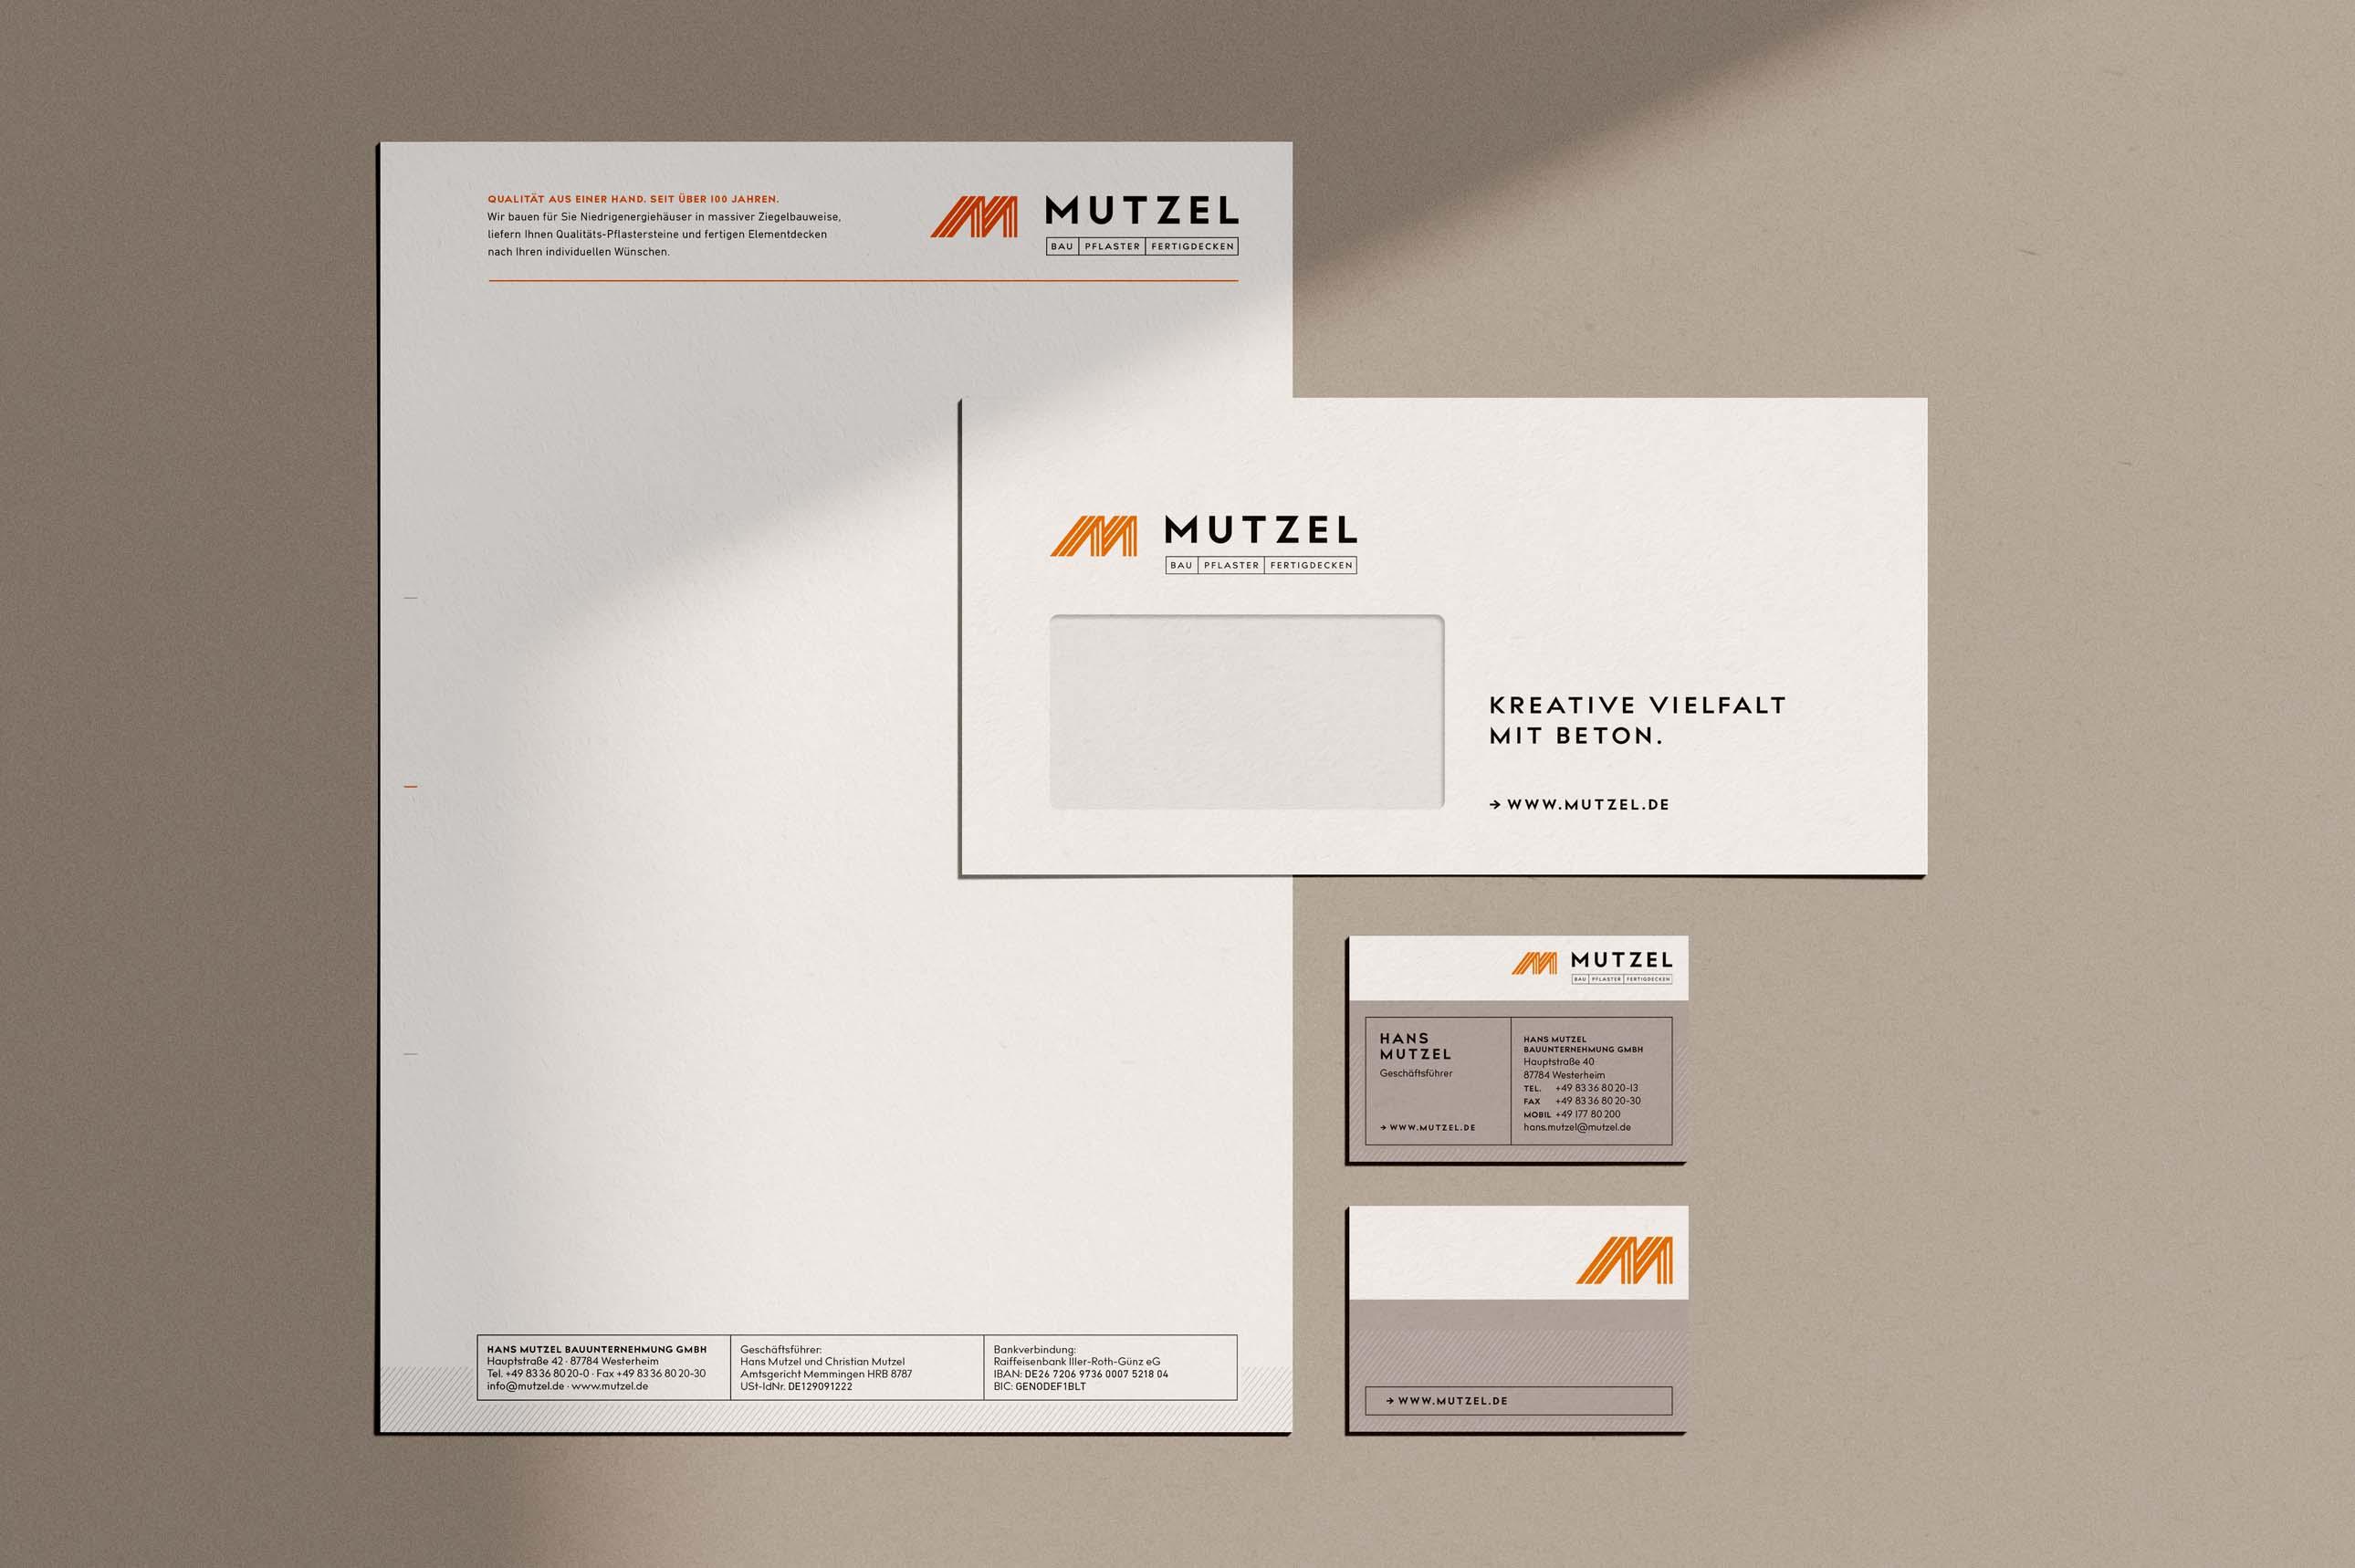 Design Geschäftsausstattung bestehend aus Briefbogen, Visitenkarten und Umschlägen